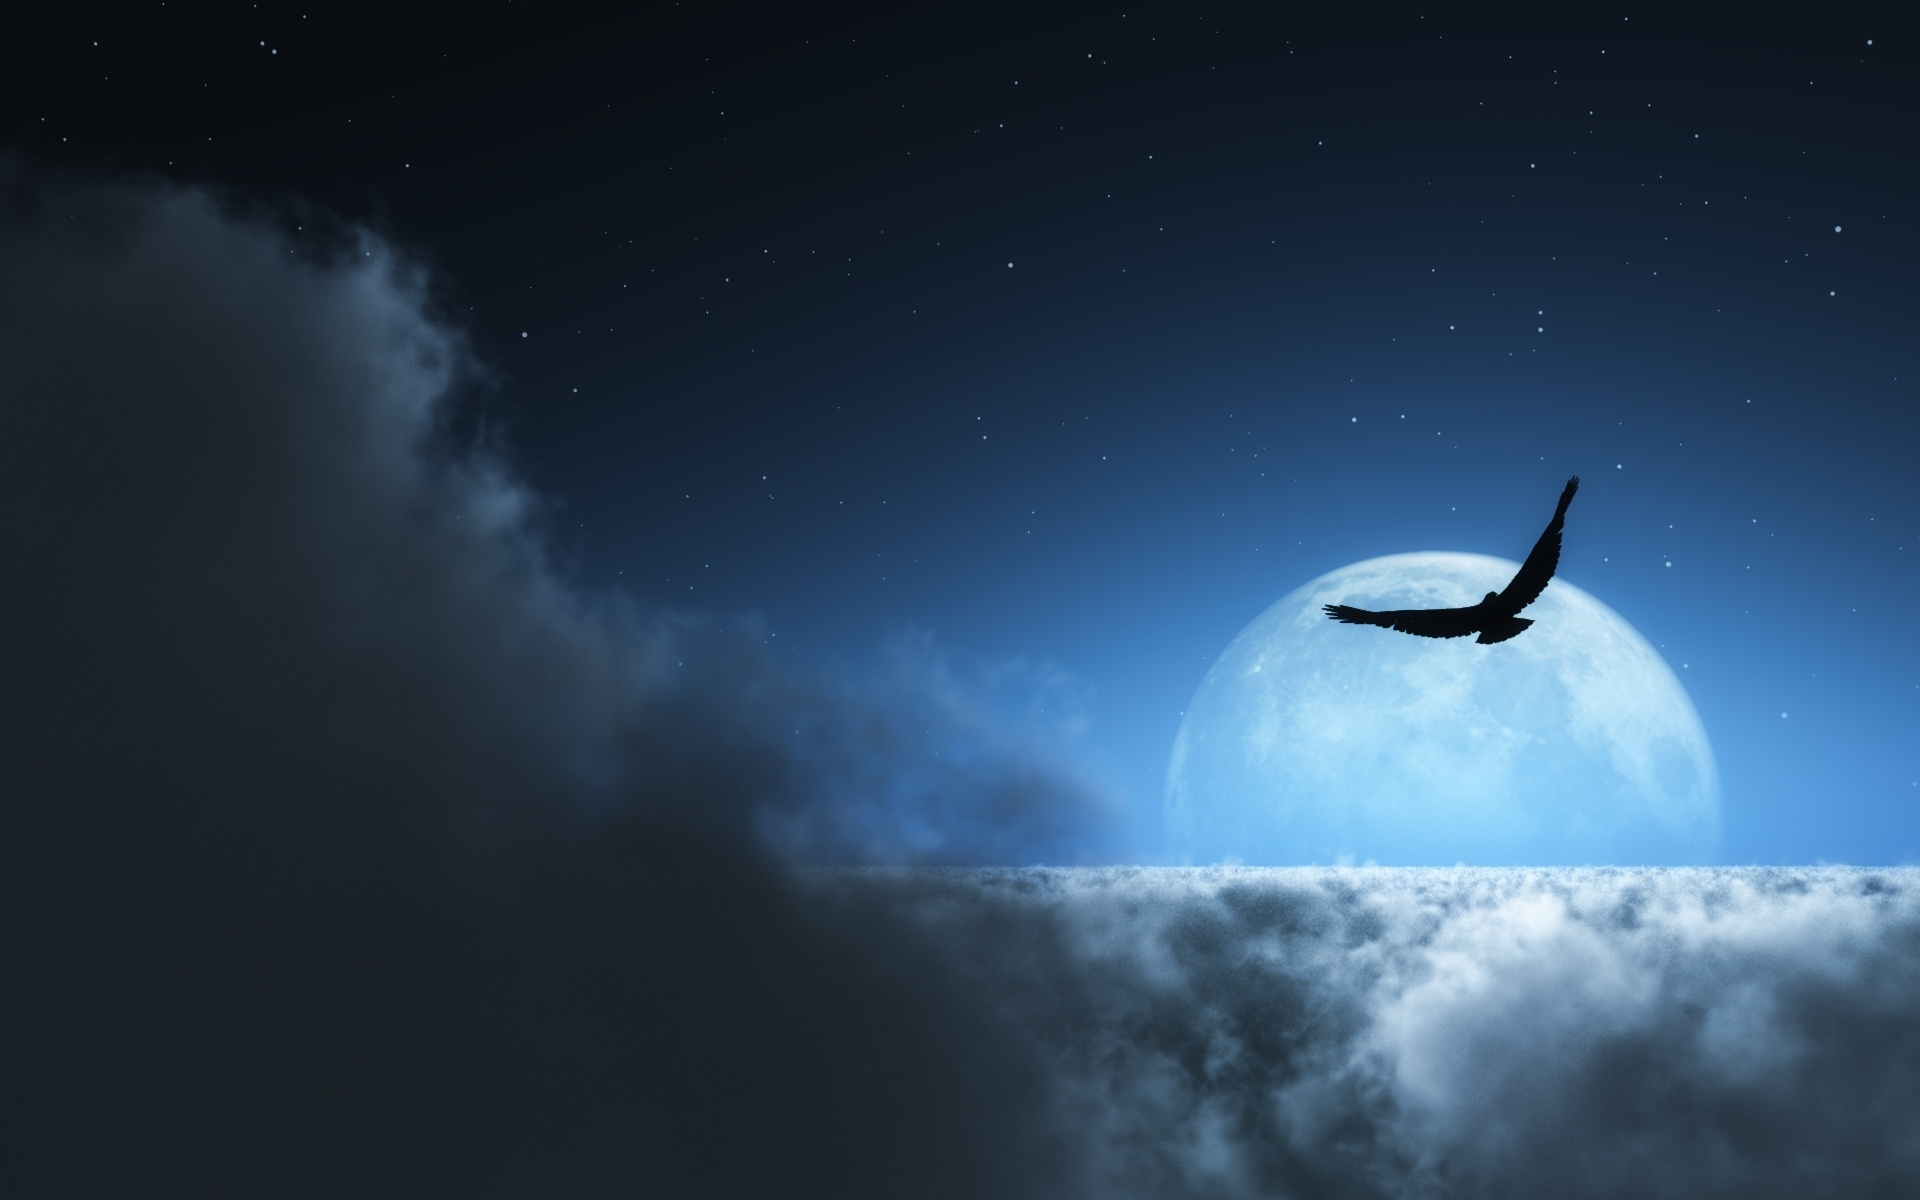 13270 скачать обои Животные, Пейзаж, Птицы, Небо, Ночь, Облака, Луна - заставки и картинки бесплатно